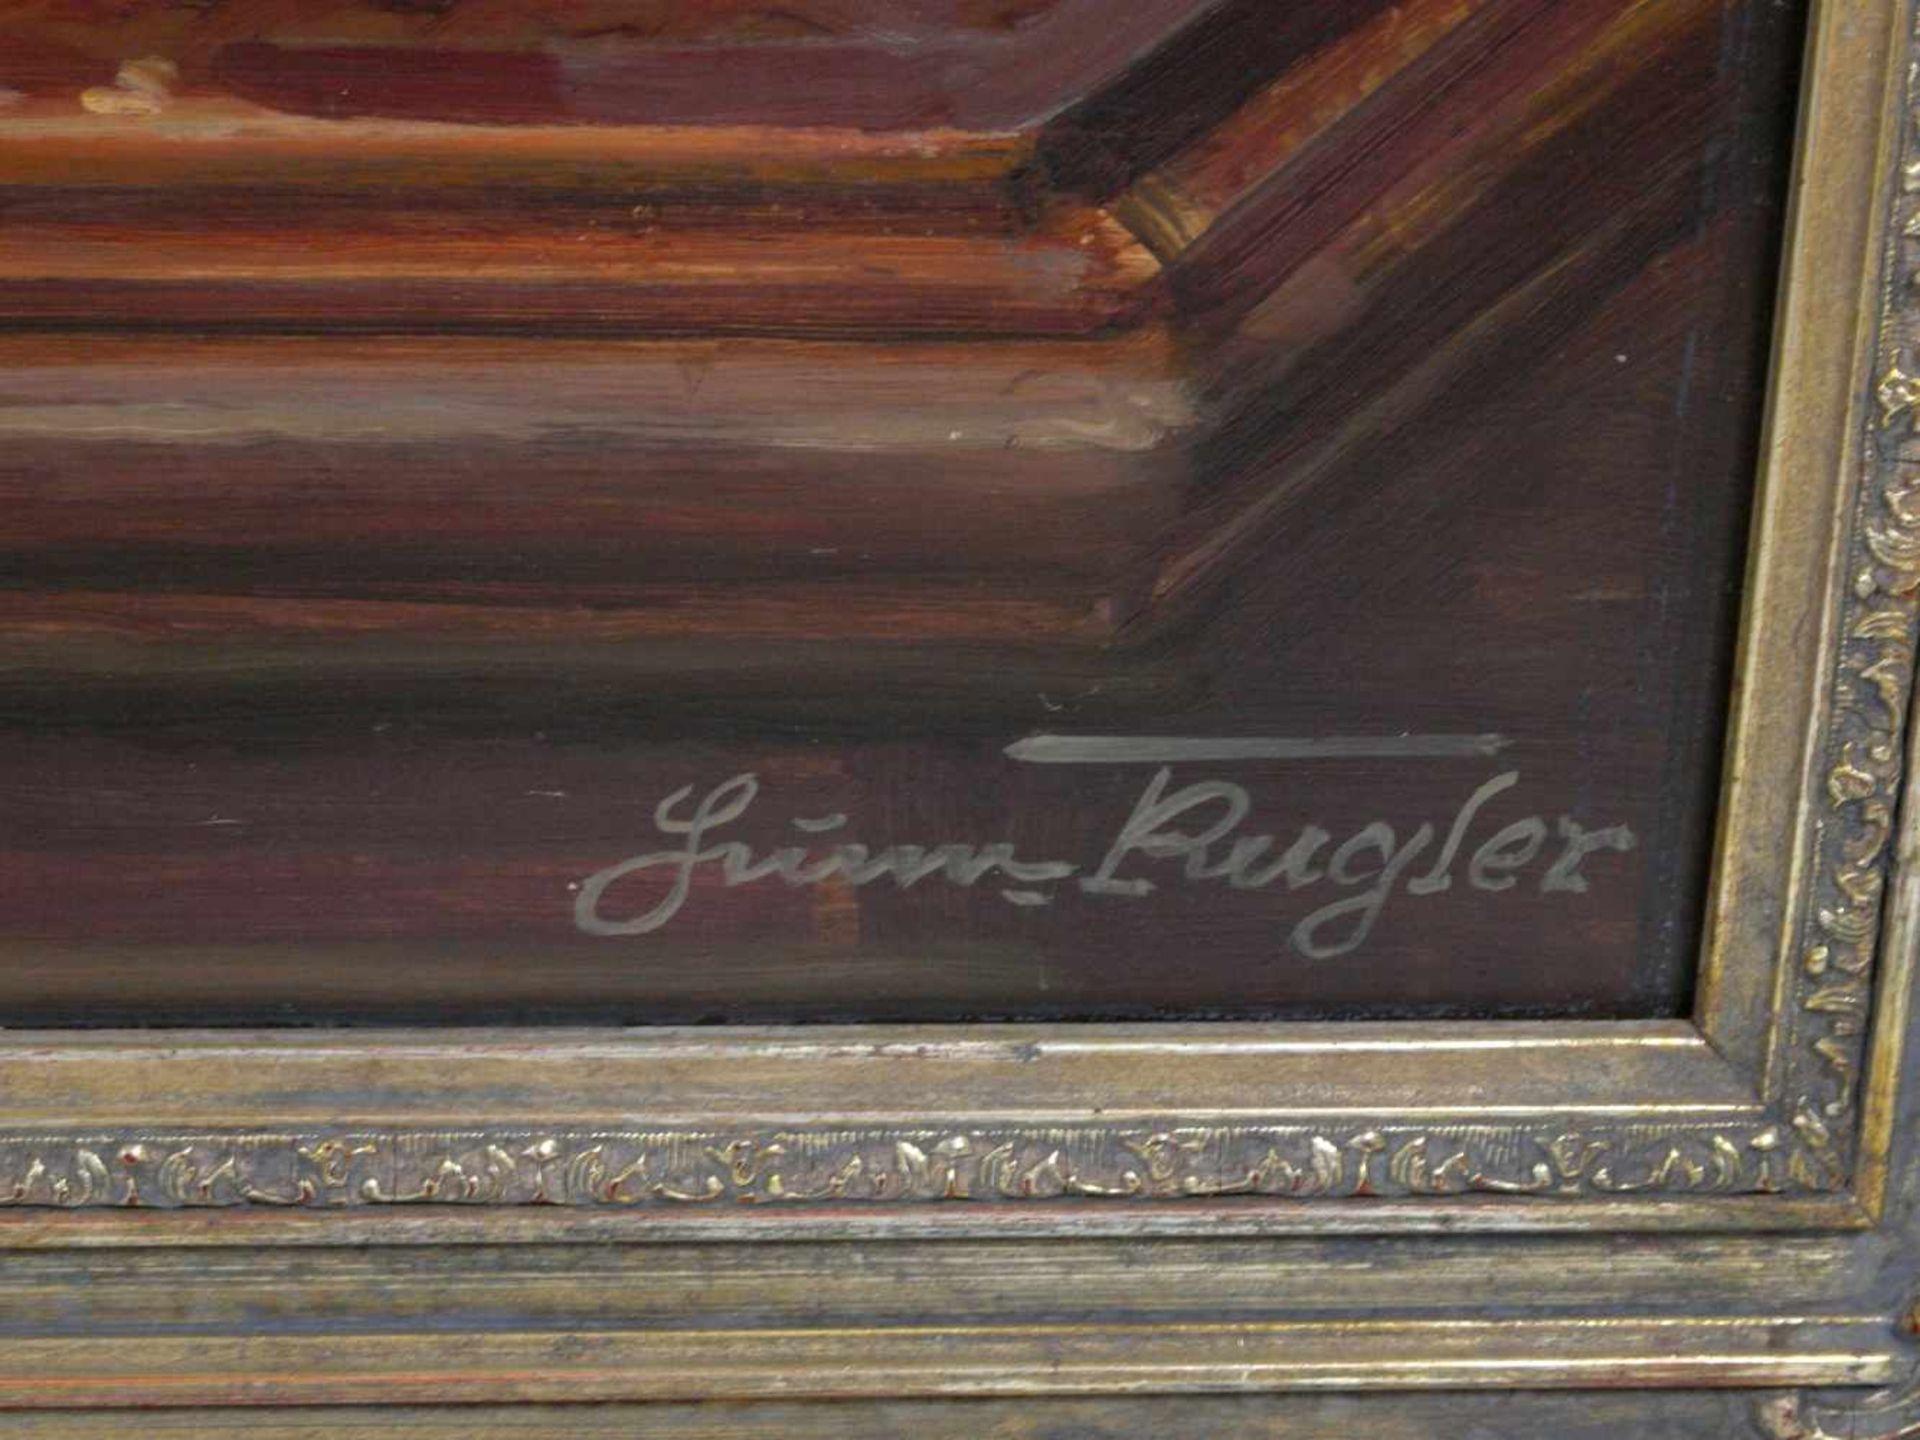 Kugler, Heinrich (1888- ca. 1946) - Symbolträchtiges Stillleben NürnbergGroßformatiges Gemälde in Öl - Bild 4 aus 8